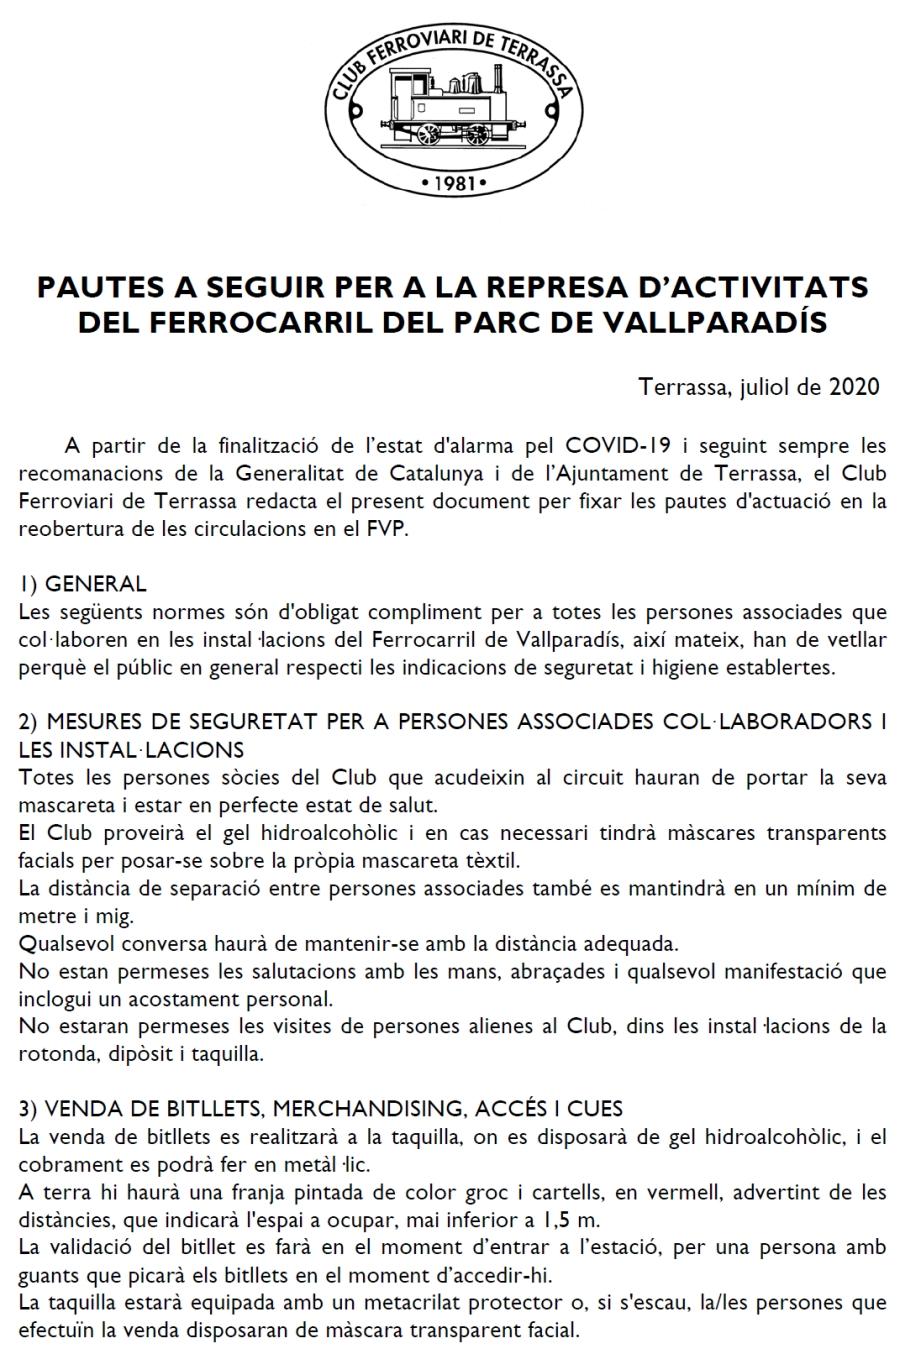 ***** El retorn:  Pautes de seguretat a la seu social i al F.C. de Vallparadís. Club Ferroviari de Terrassa